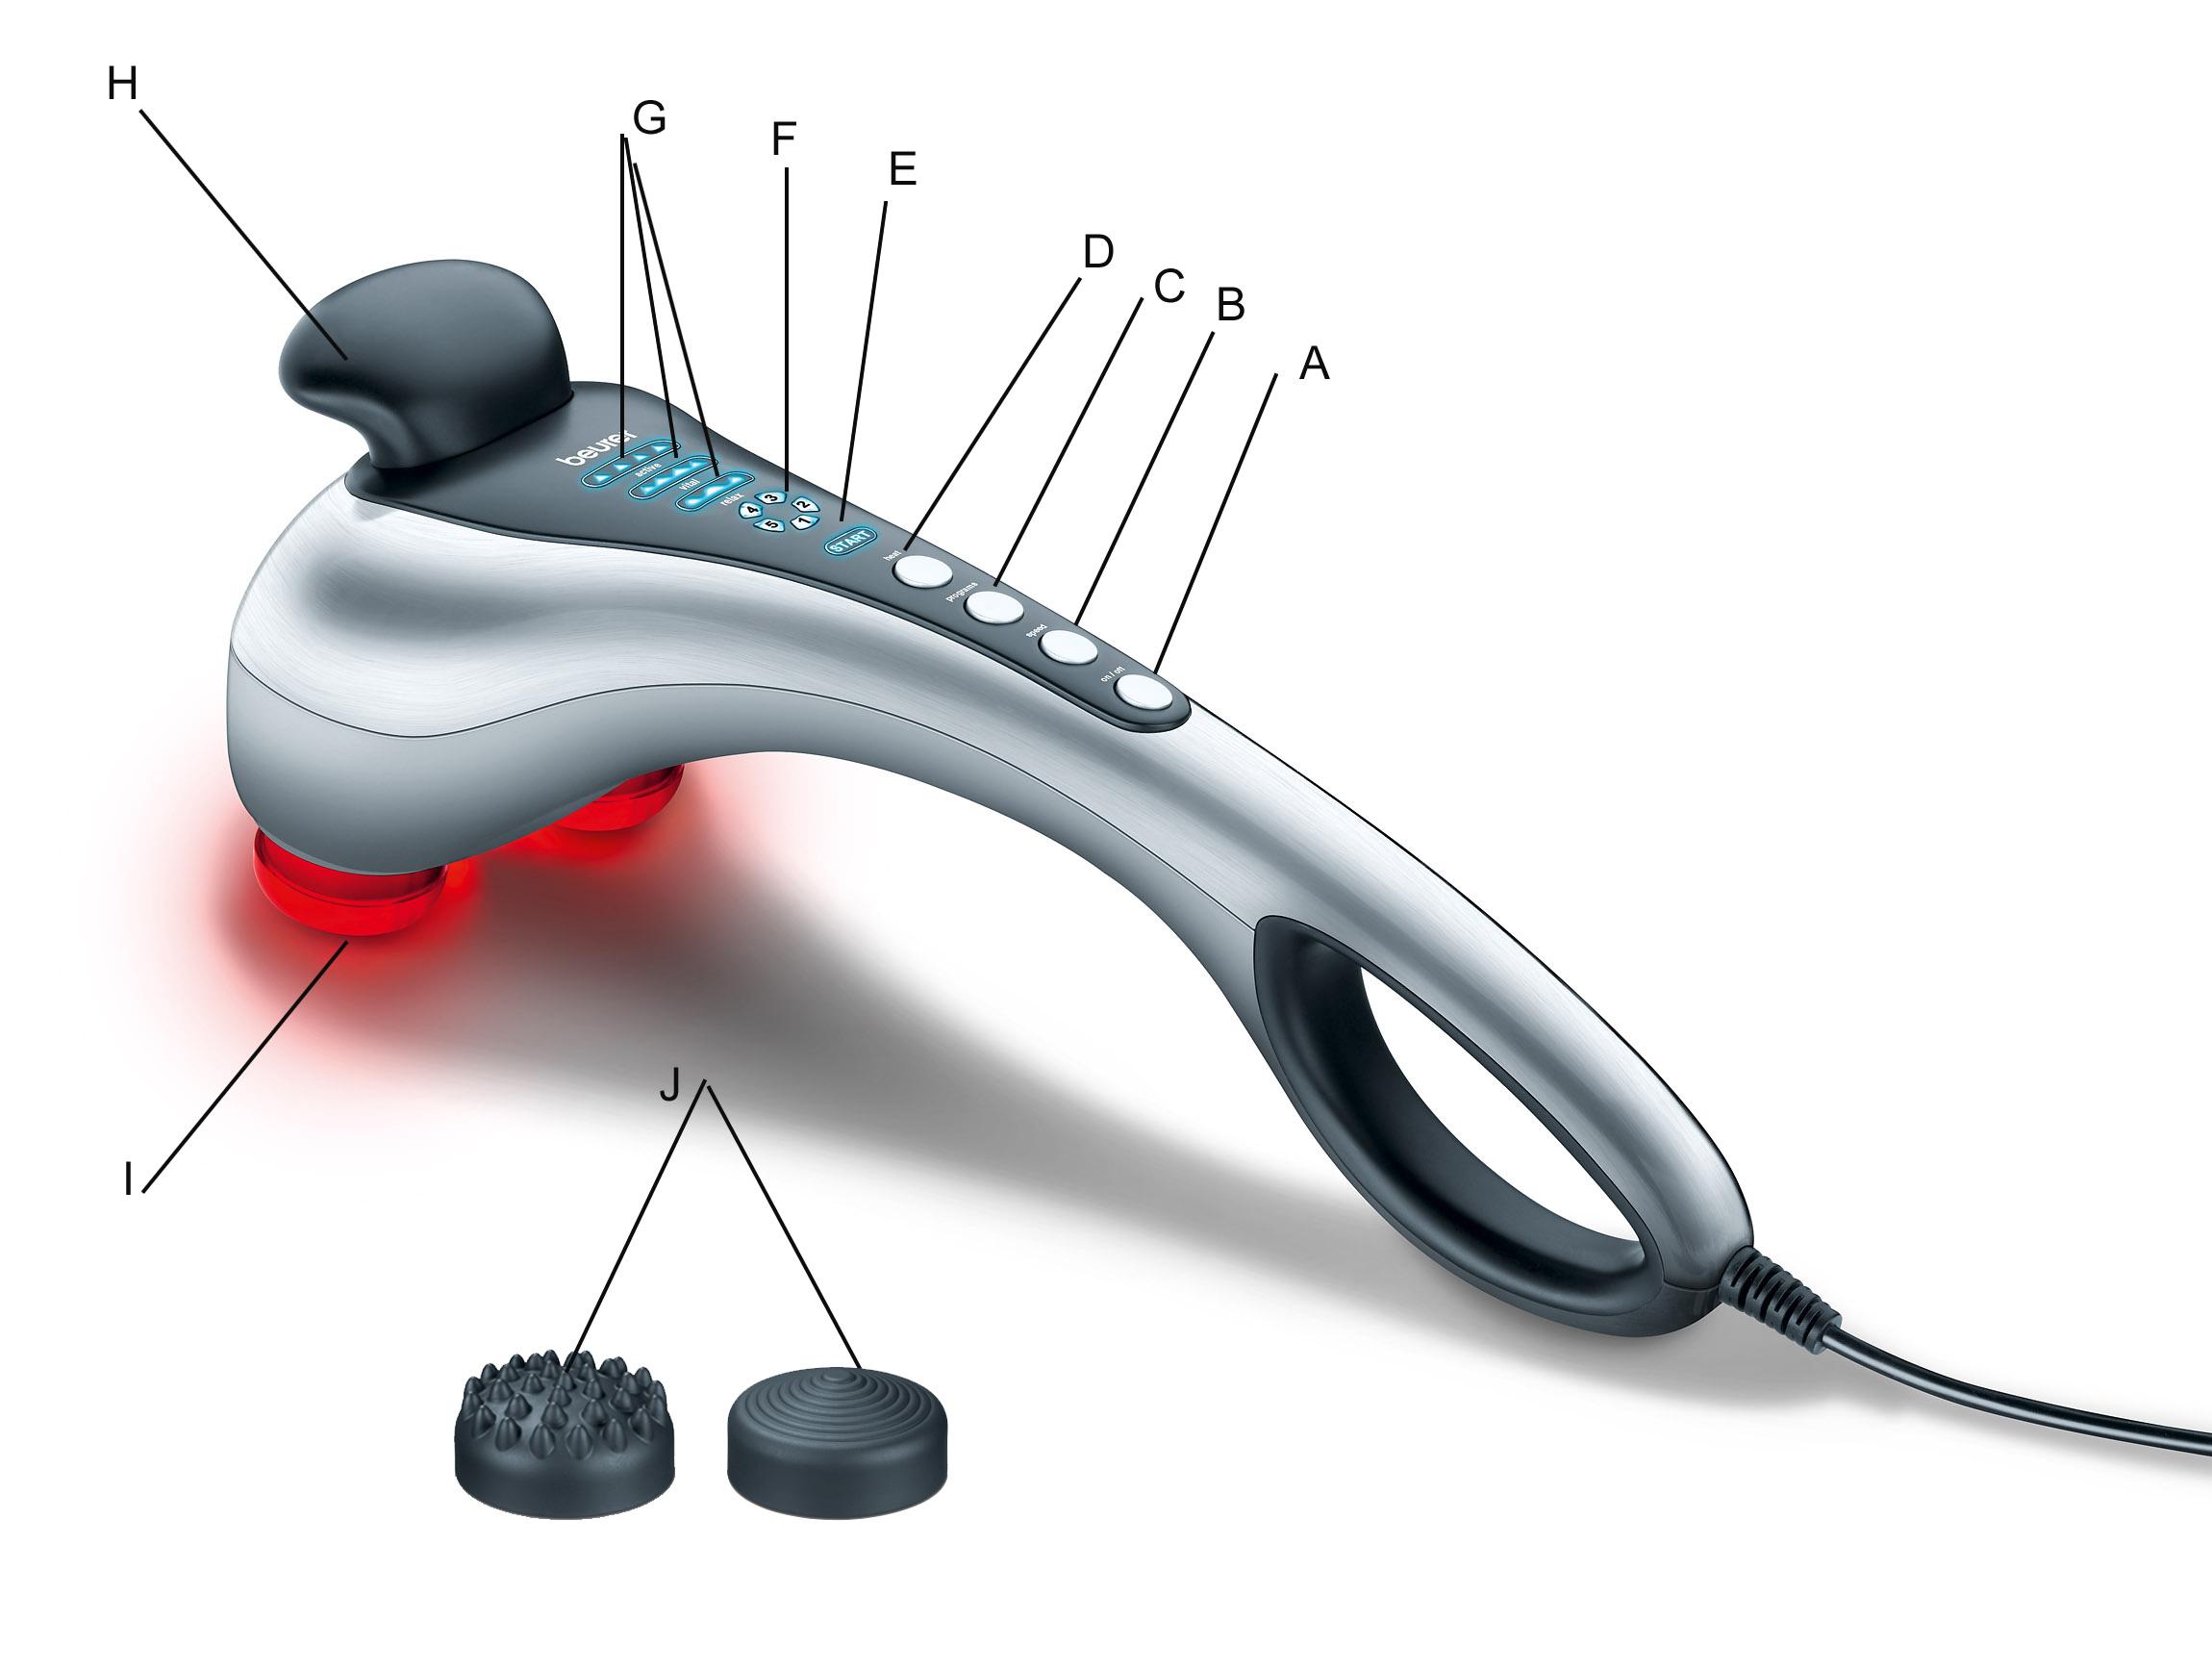 Sử dụng máy massage cầm tay 2 đầu hồng ngoại Beurer MG100 đúng cách -  META.vn